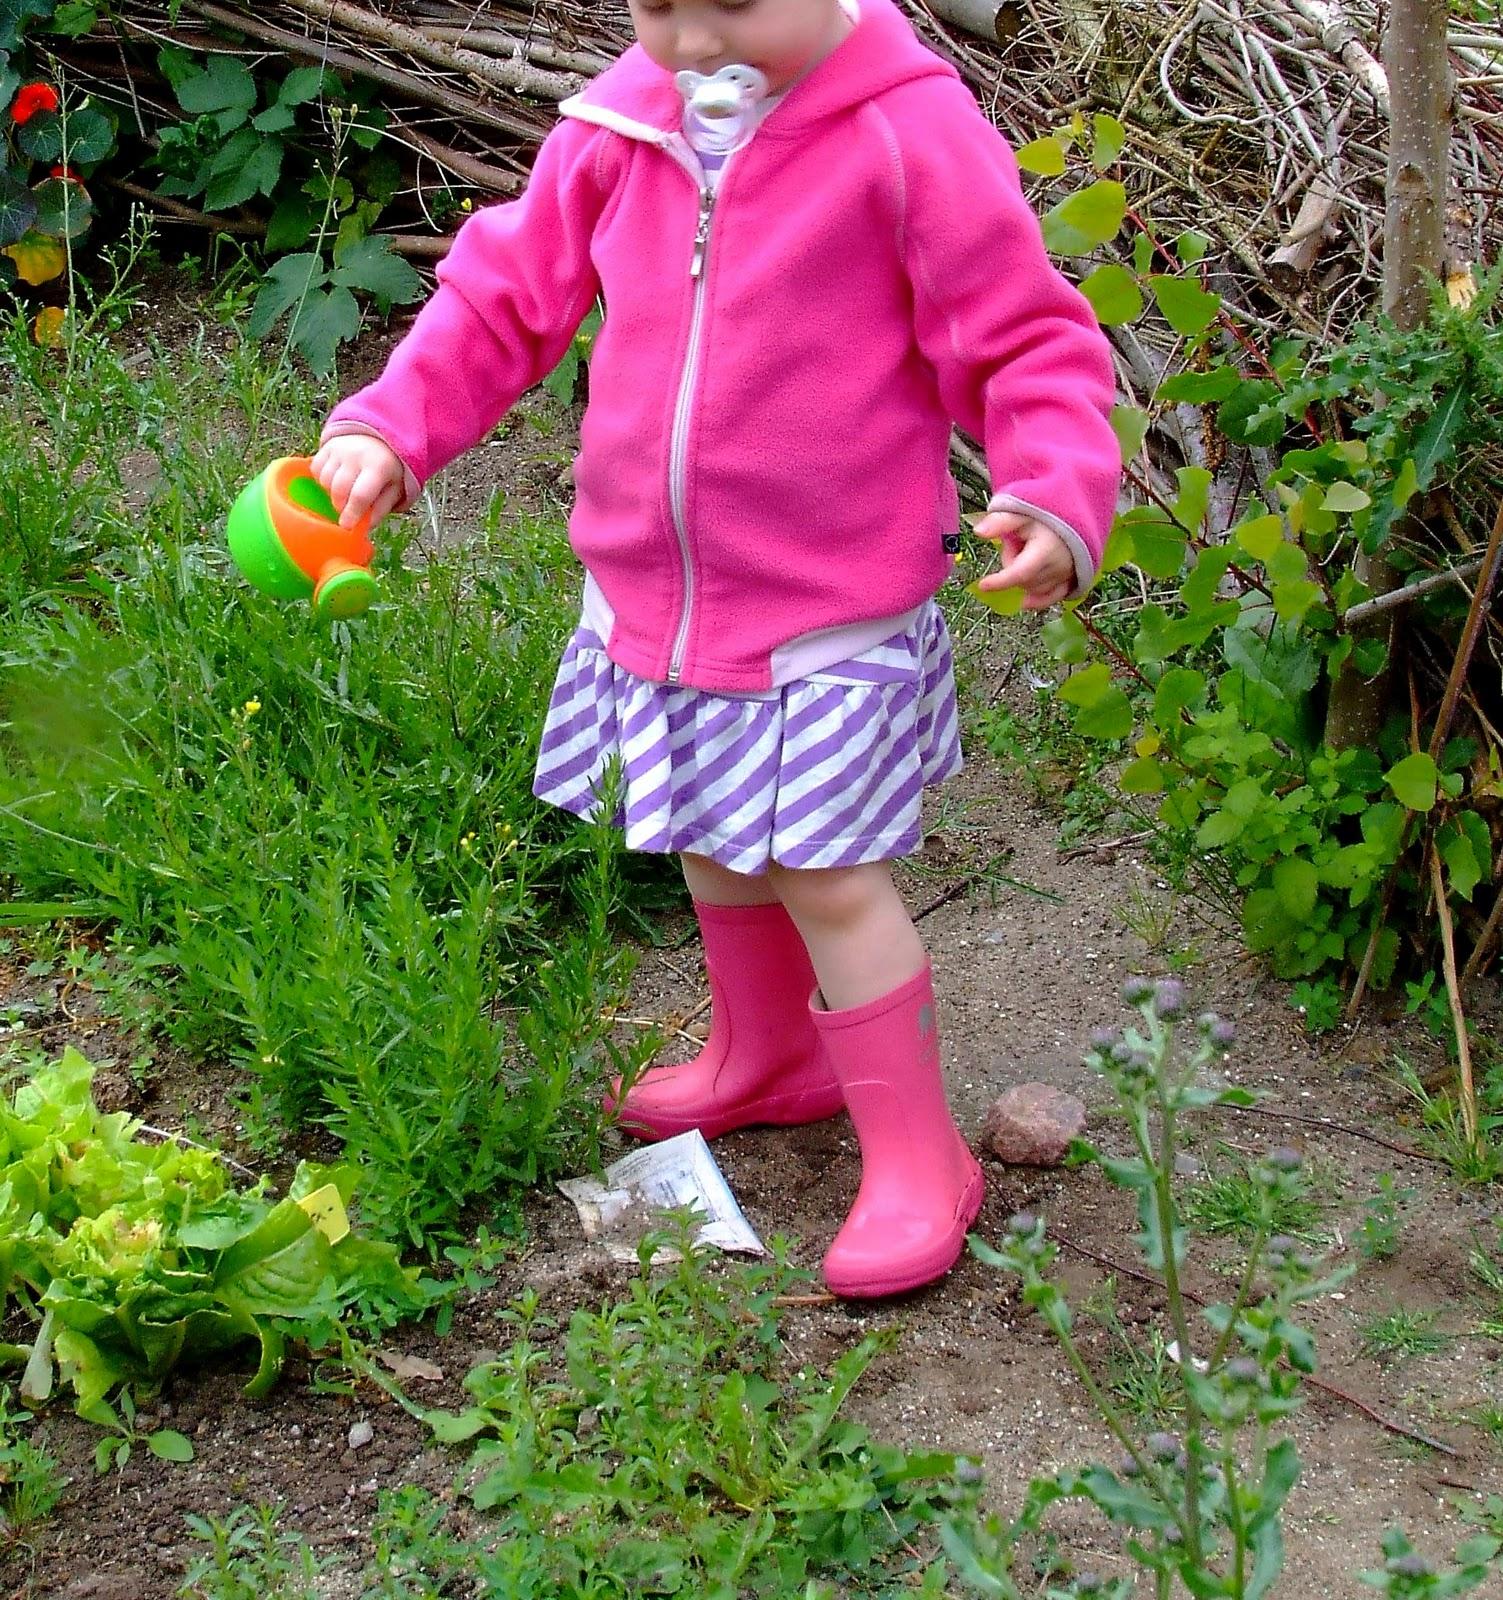 gummistøvle pige blomster